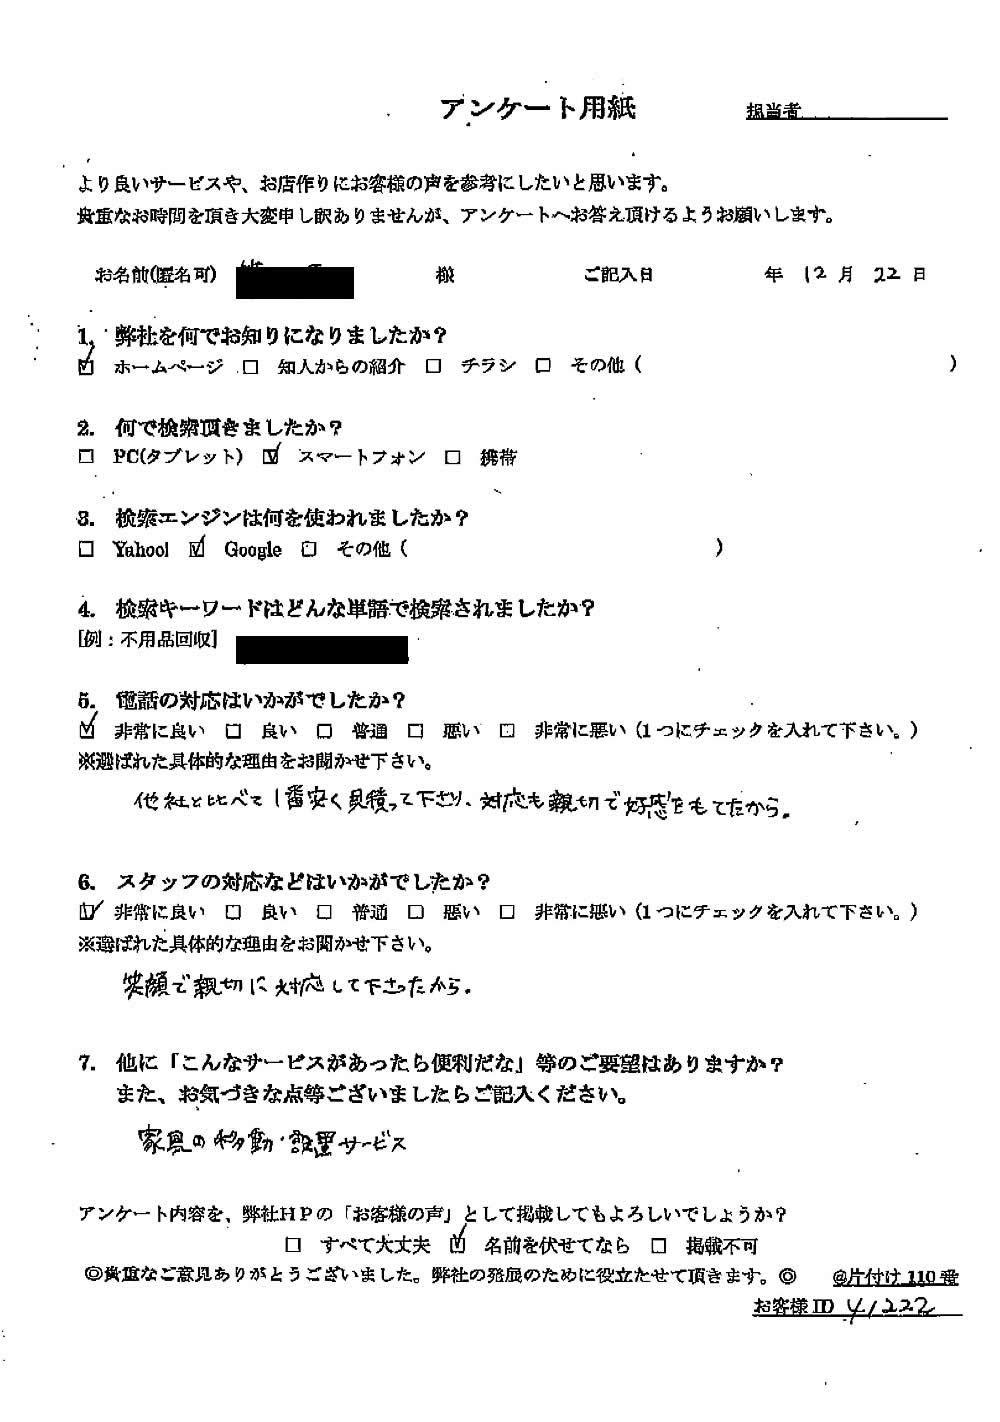 【上三川町】ハウスクリーニングのご依頼☆家中を綺麗にできご満足いただけました!